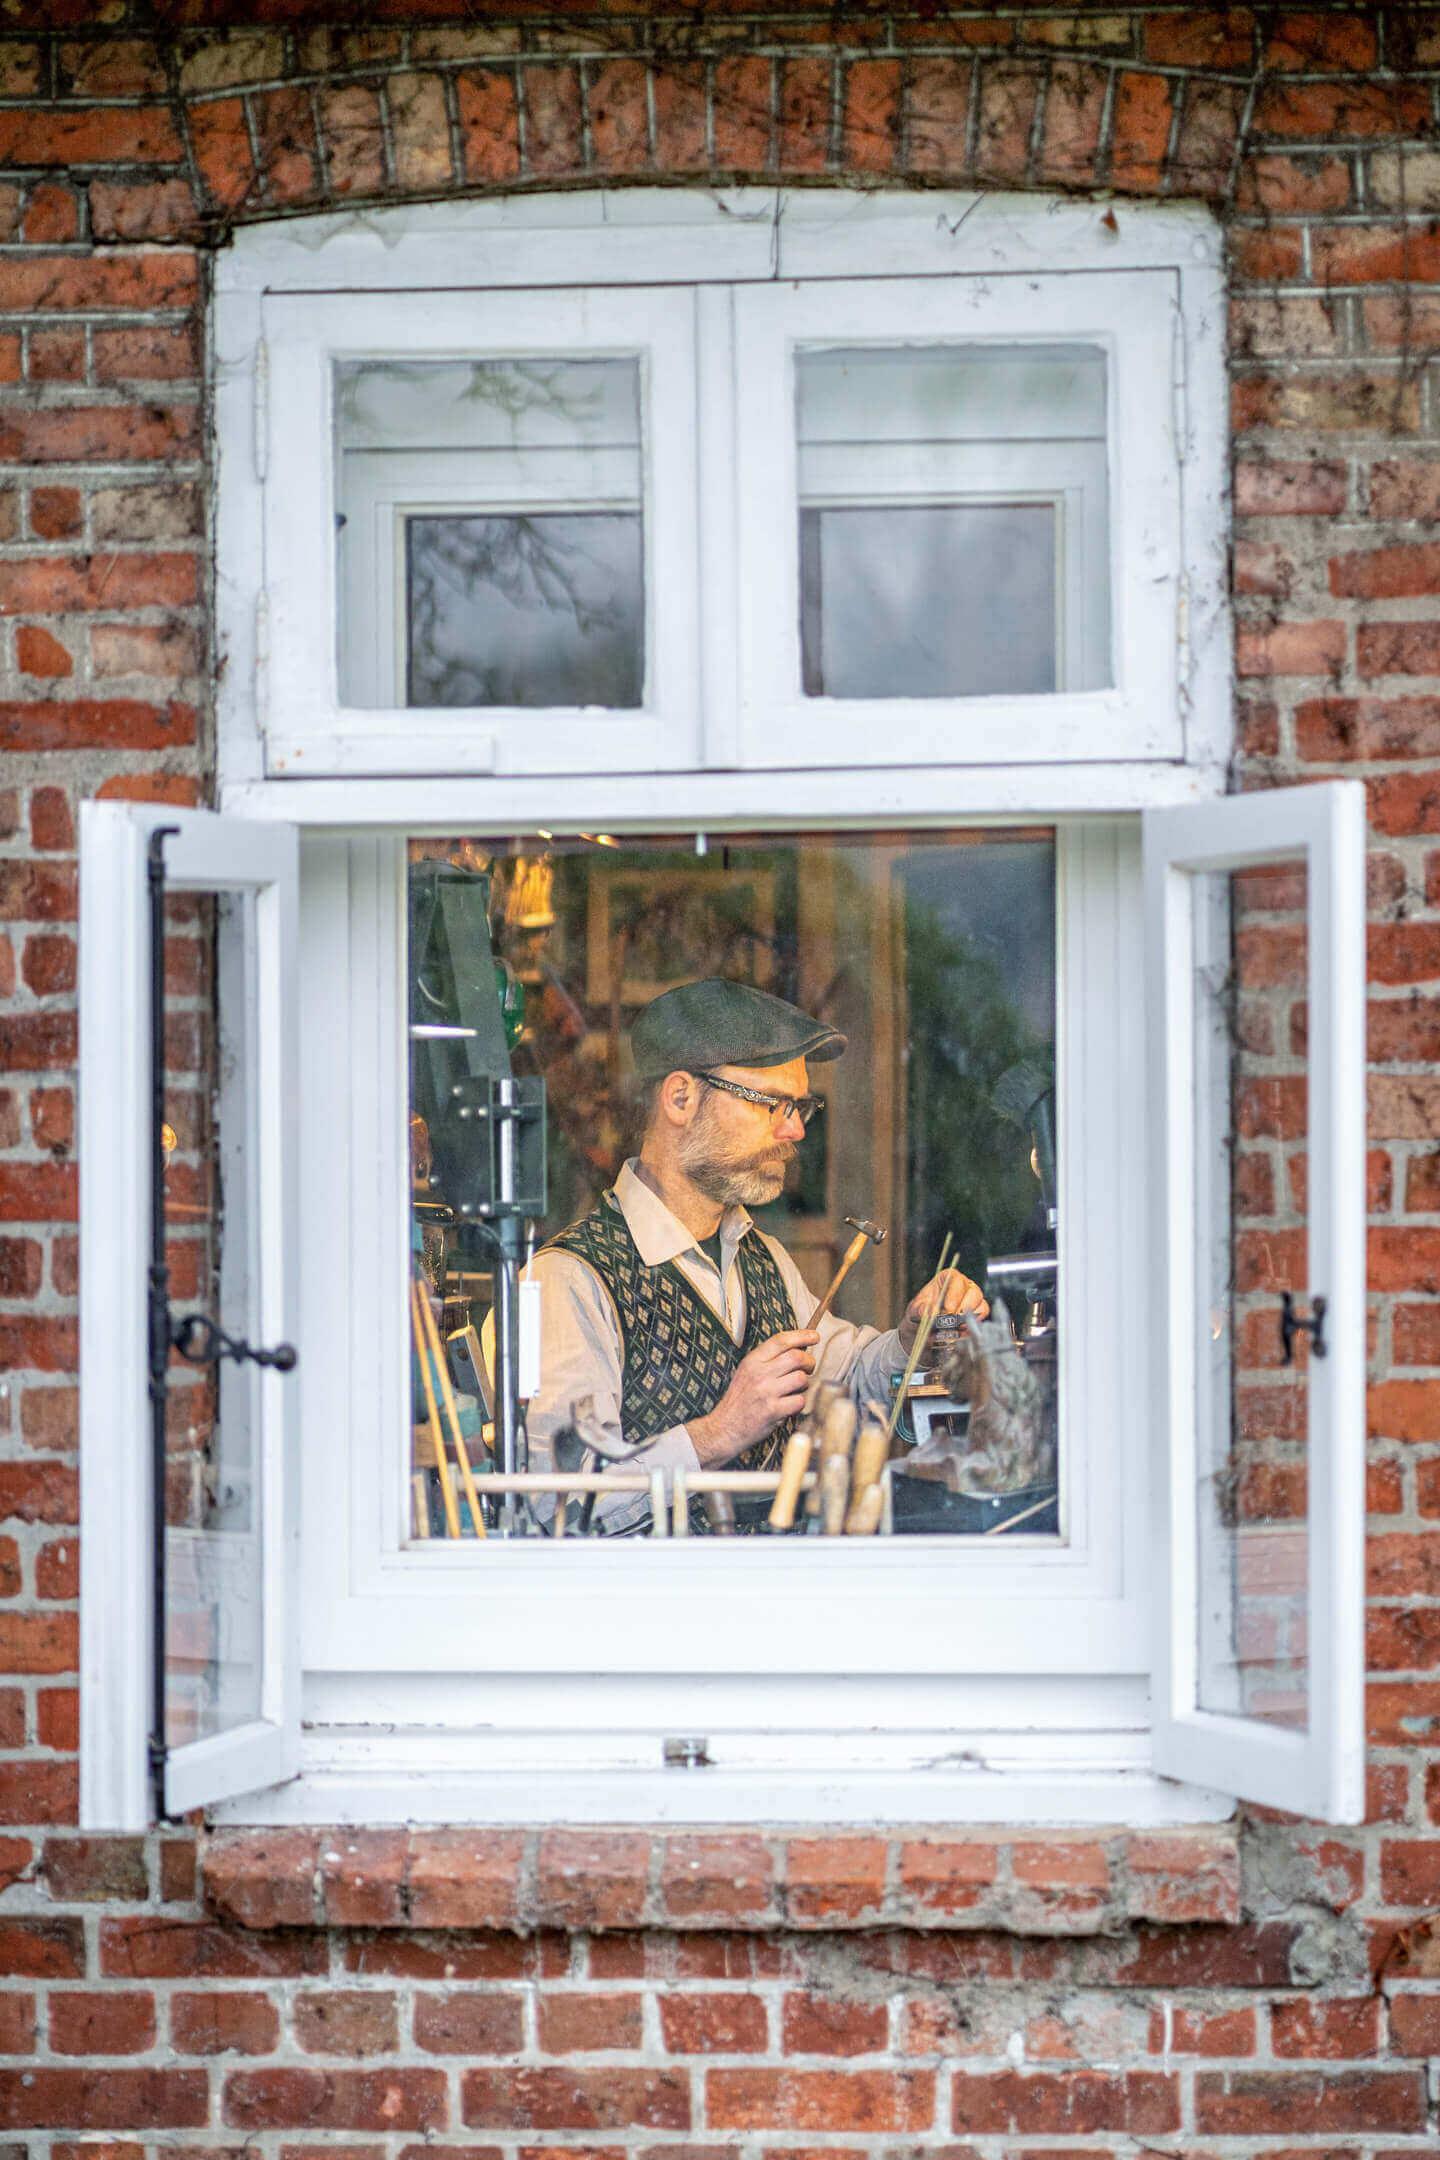 Blick durchs Fenster: Handwerker bei der Arbeit